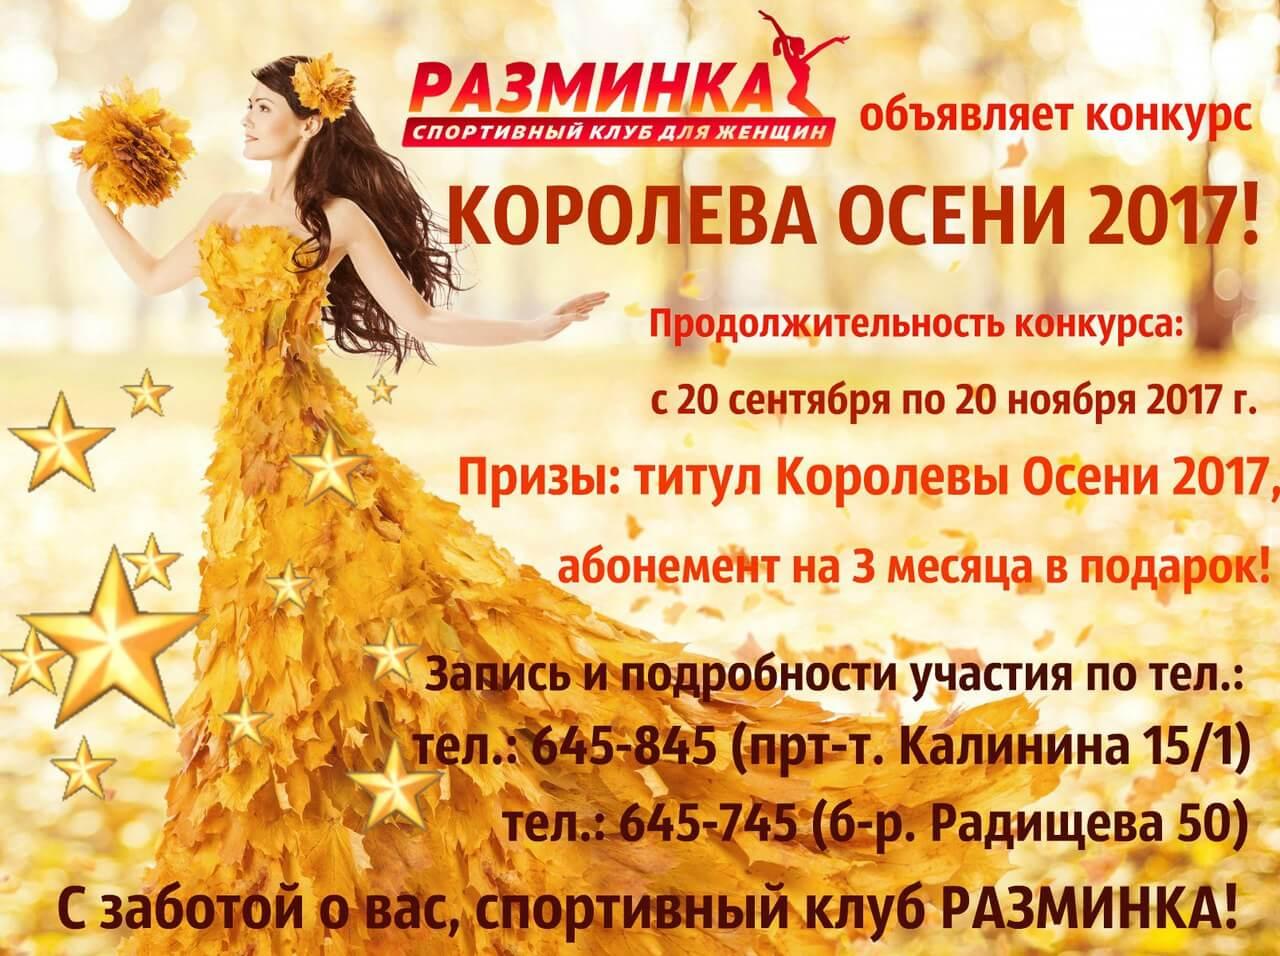 """В Твери пройдет конкурс """"Королева осени"""" среди спортивных девушек"""